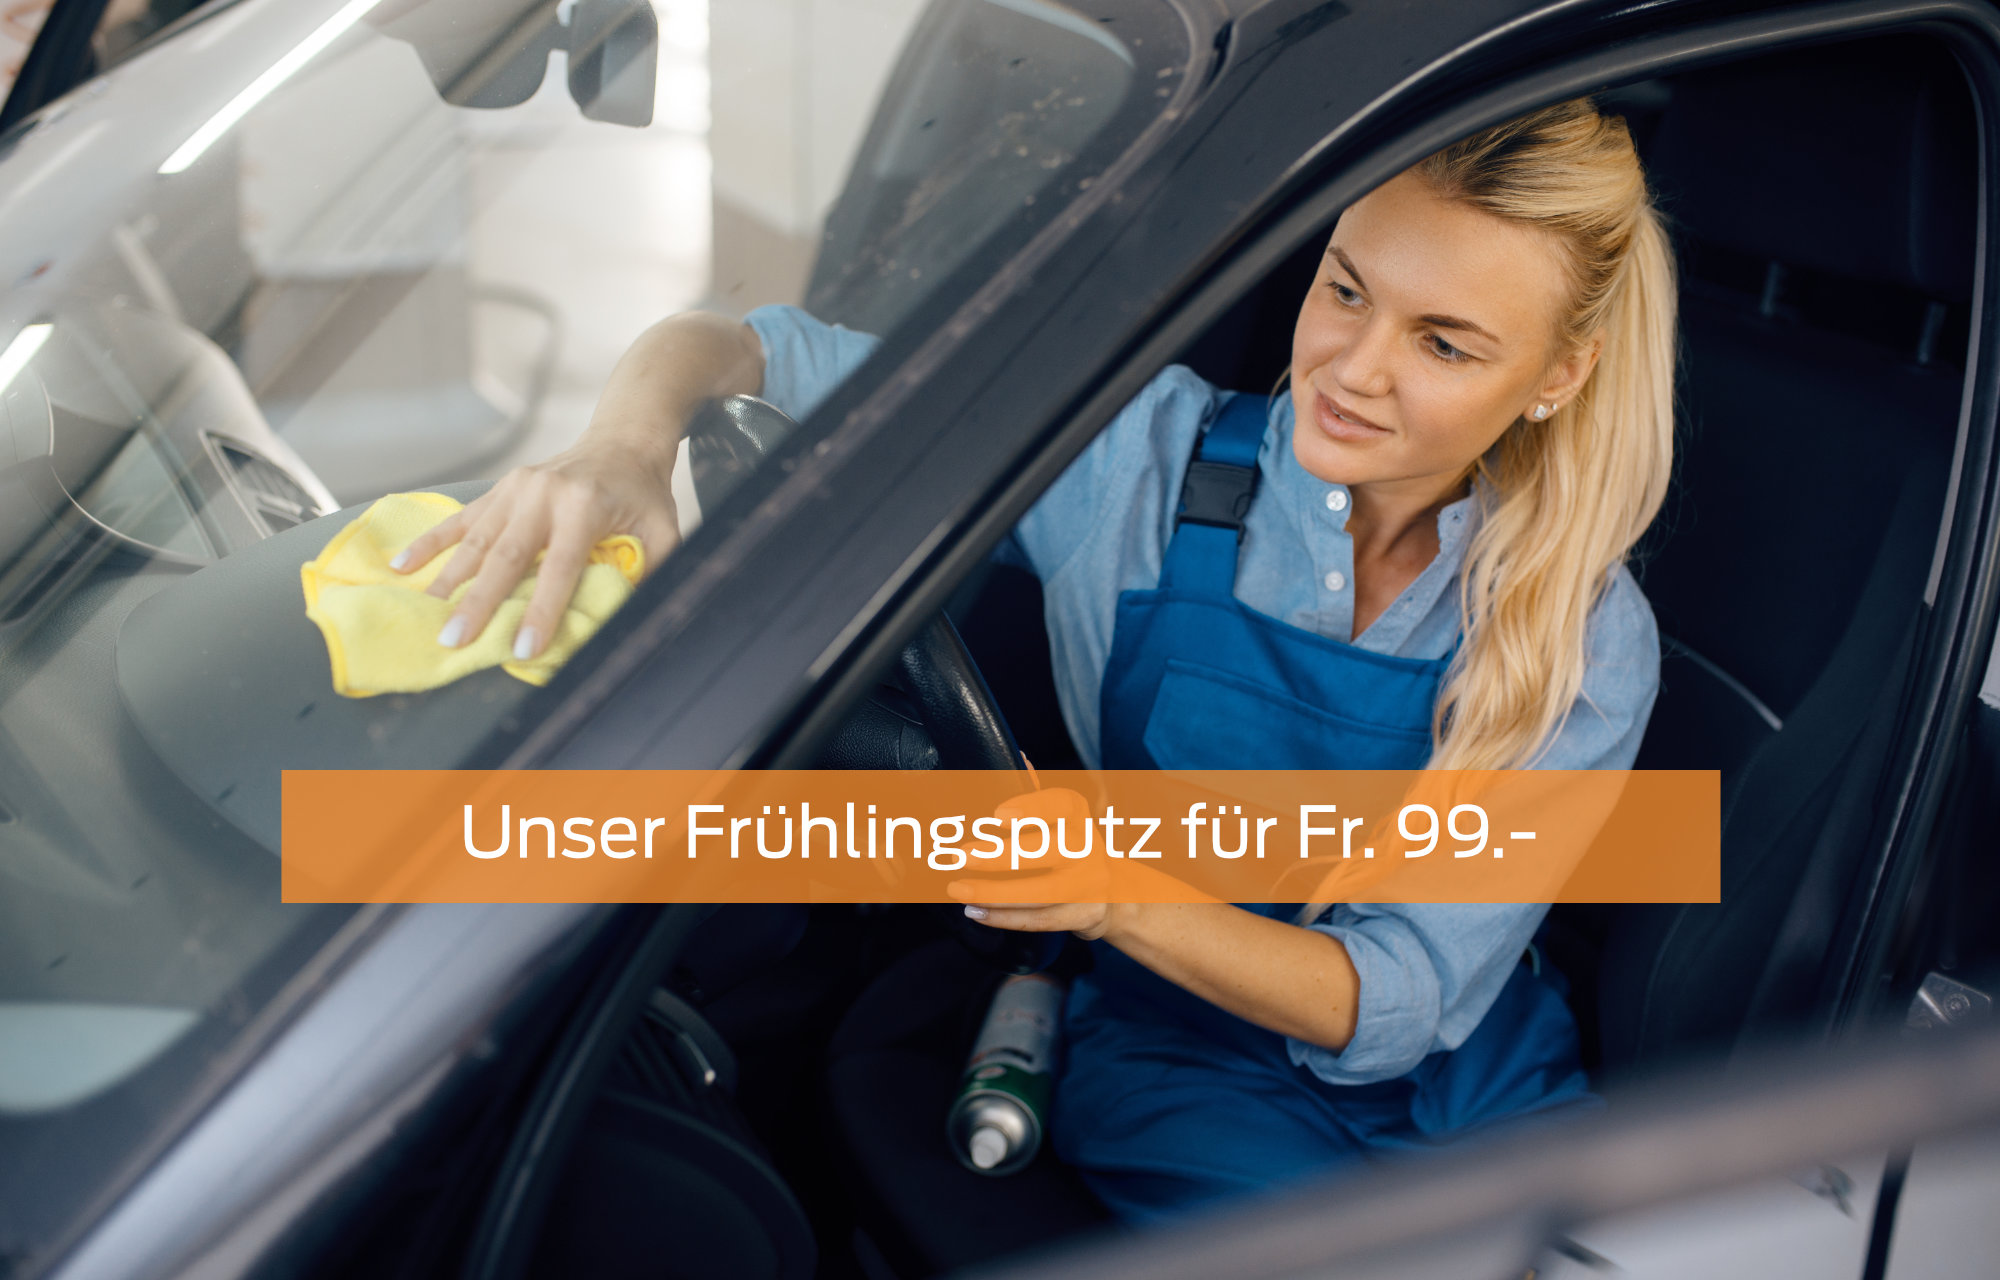 Frühlingsputz für Fr. 99.-